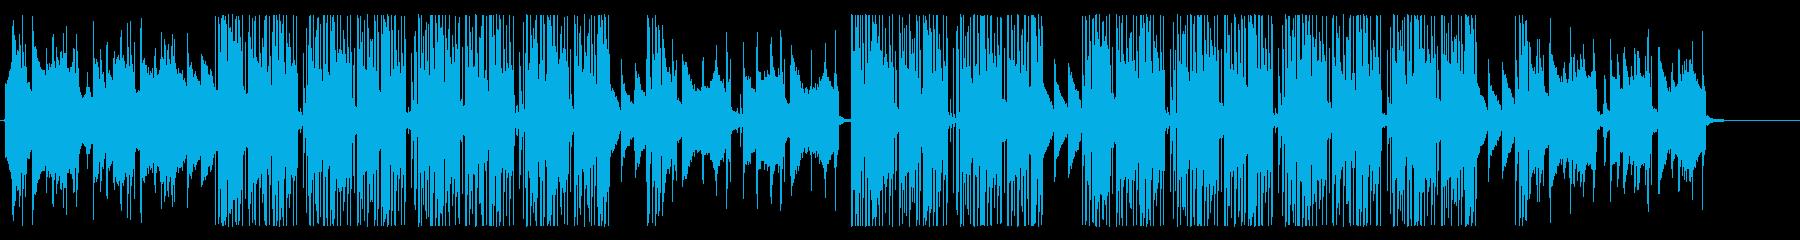 洋楽、冬の雰囲気のR&B、ヴォーカル抜きの再生済みの波形